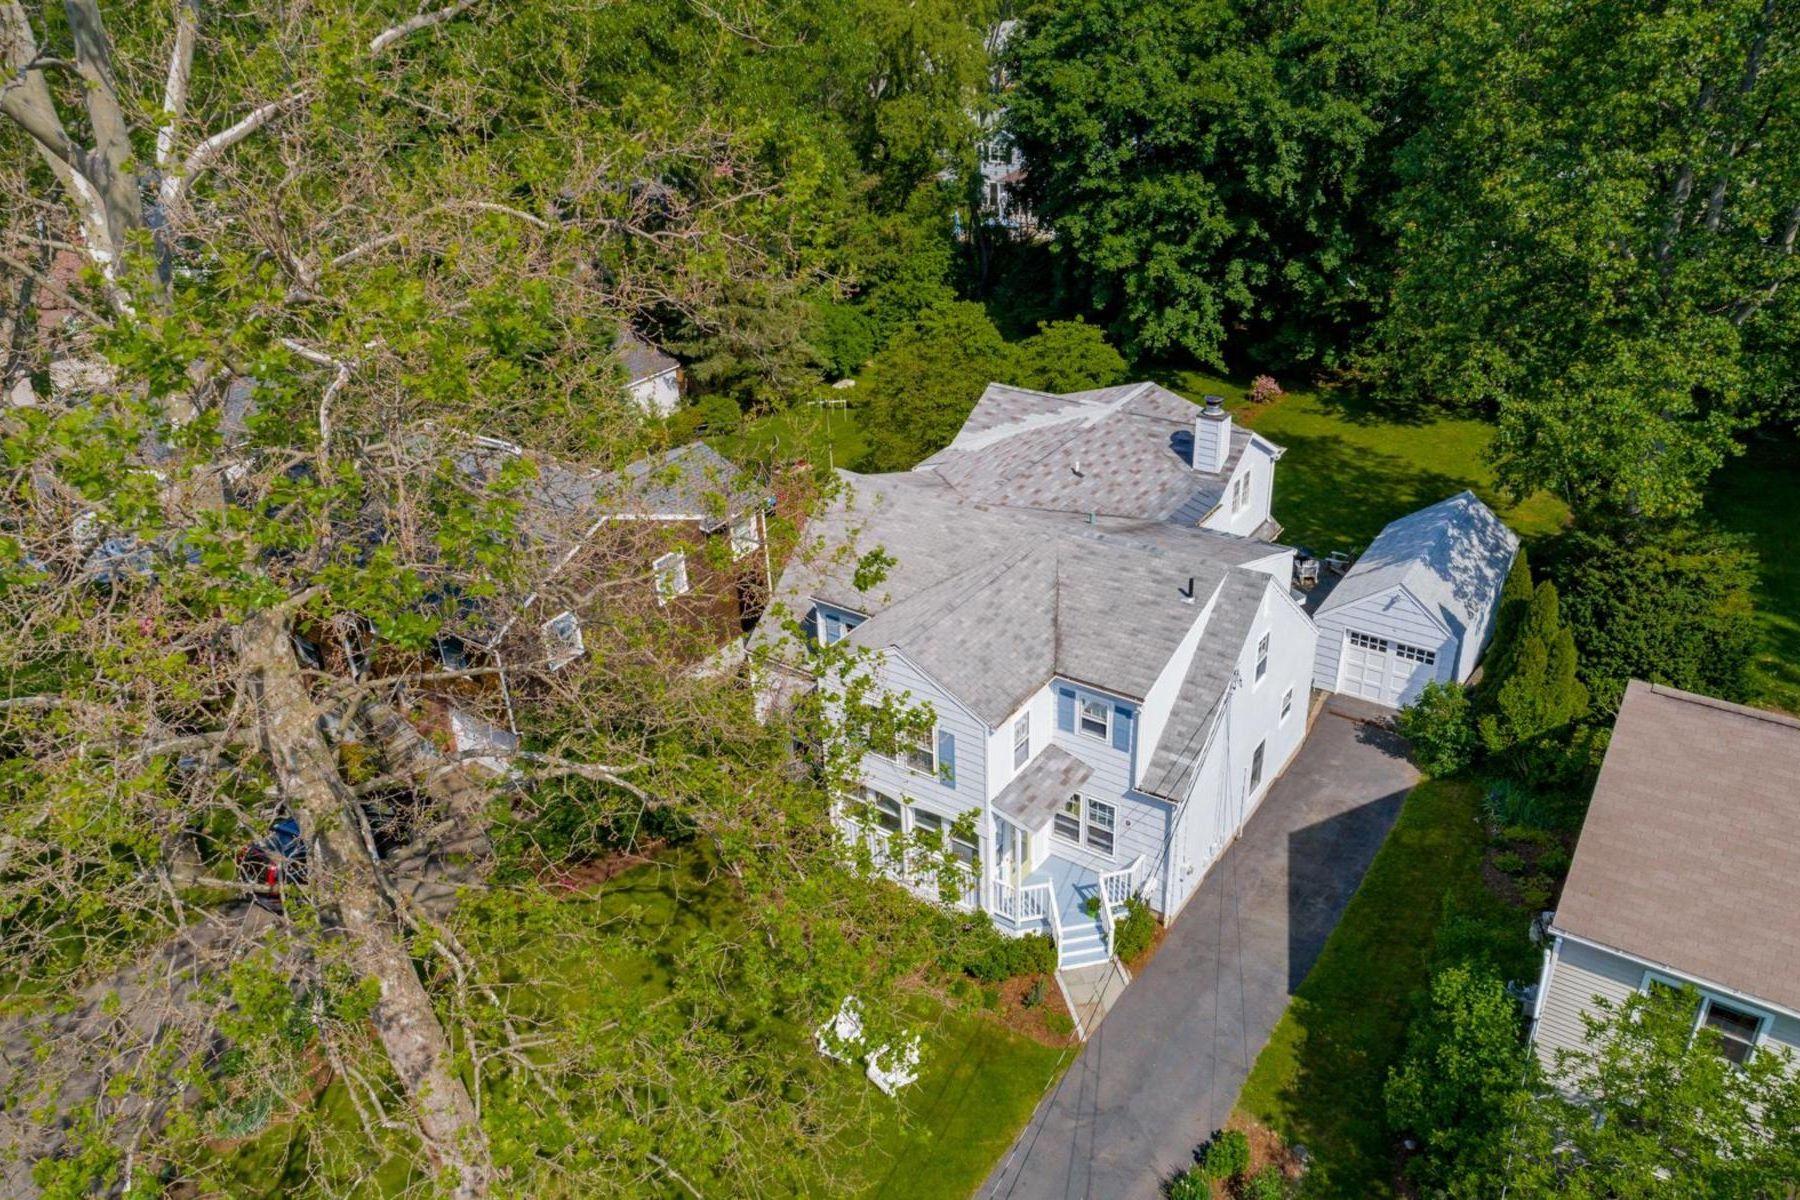 Частный односемейный дом для того Продажа на 9 Ridgewood Road 9 Ridgewood Road Norwalk, Коннектикут 06853 Соединенные Штаты